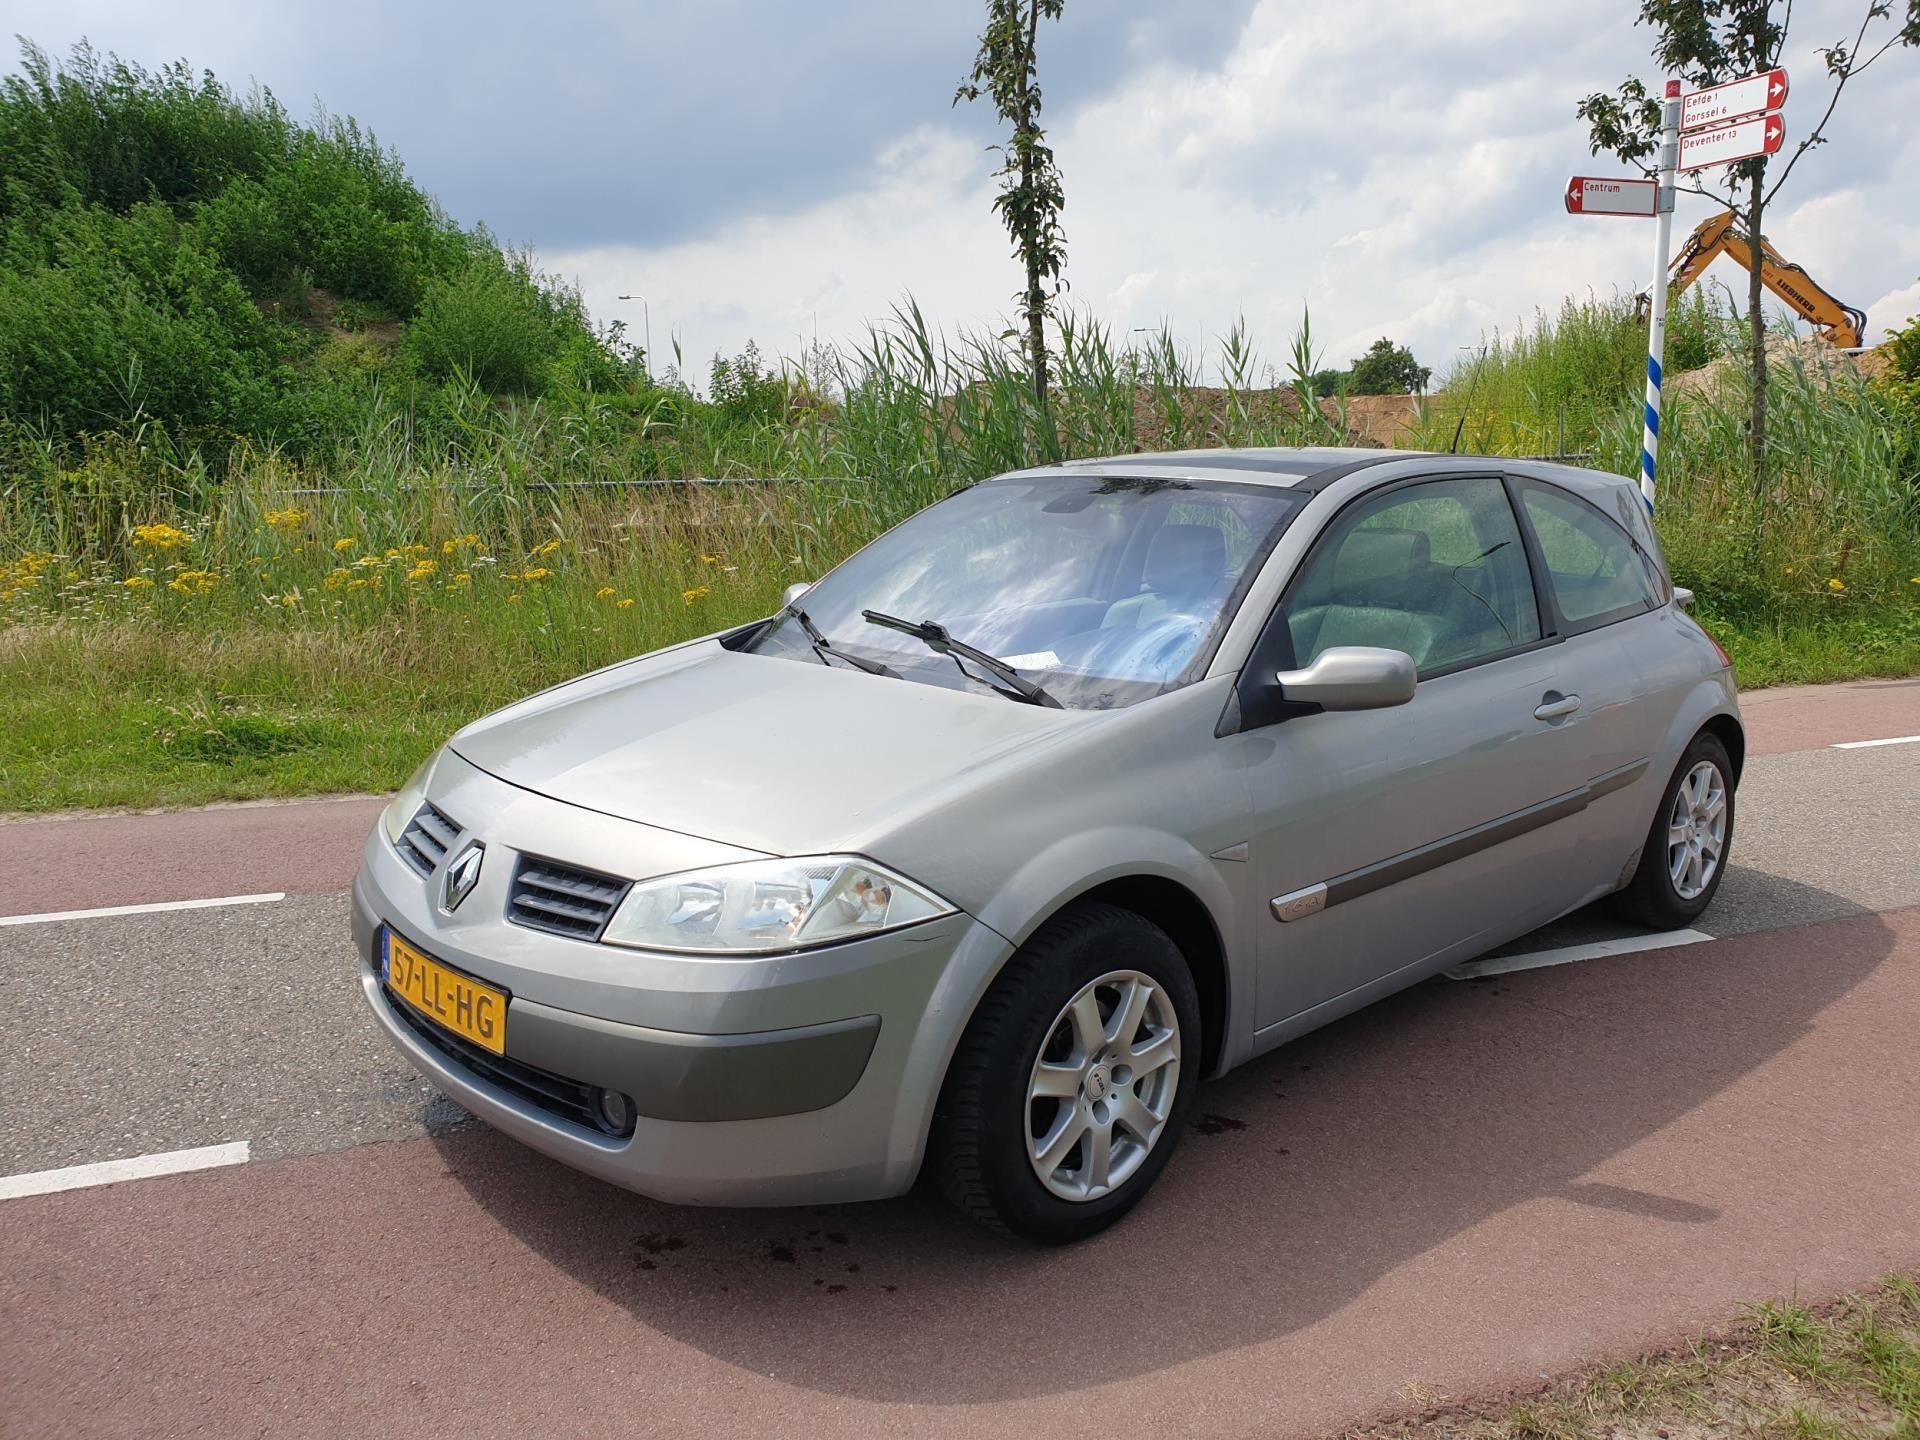 Renault Mégane occasion - Gelderland Cars B.V.Zutphen